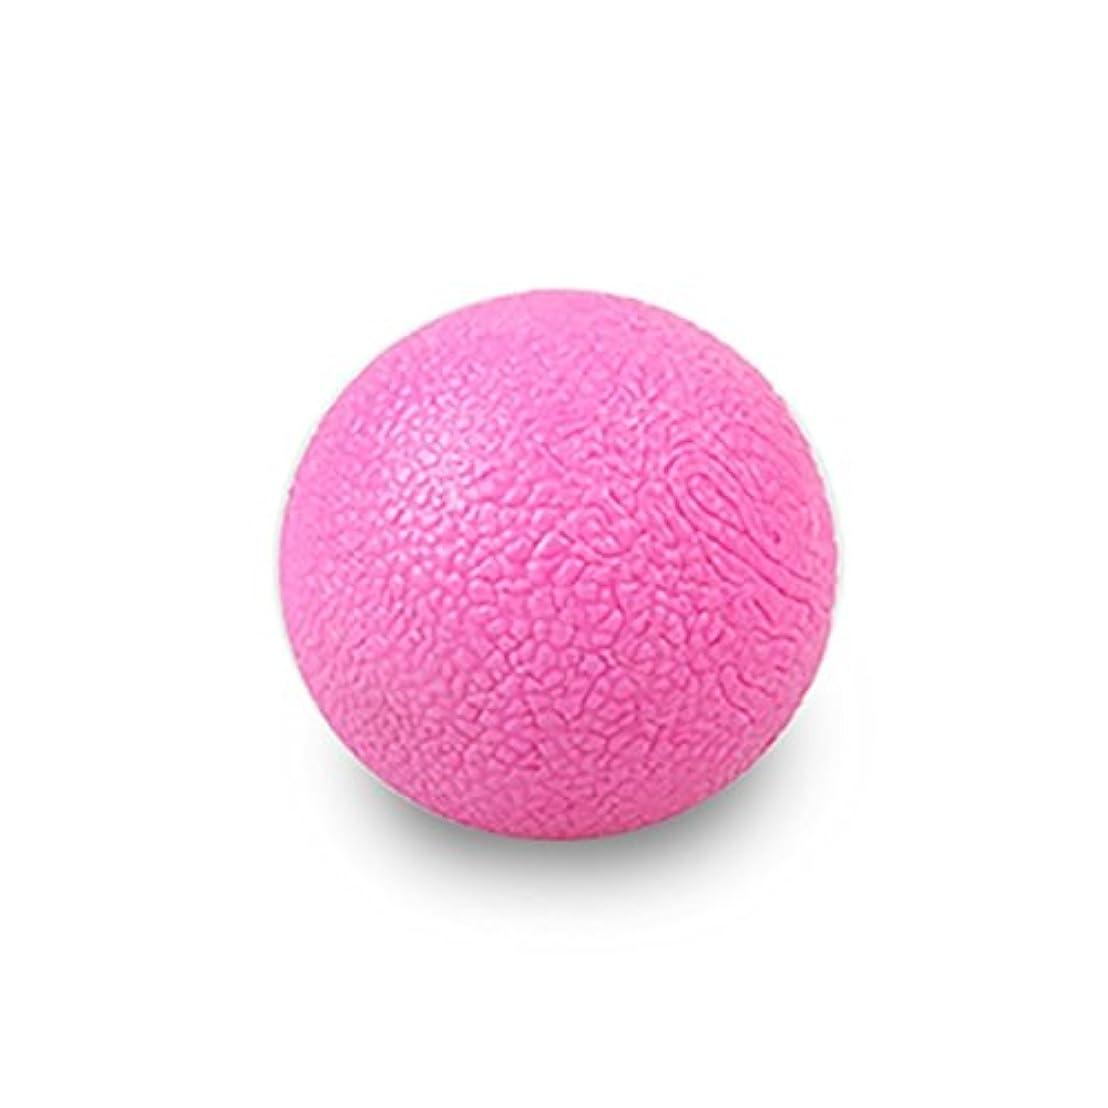 命題補助プリーツSHAPE&UP UPnShape ピーナッツ マッサージ ボール(1.8インチ)/ストレッチ、ヨガ、フィットネス リハビリテーション腰痛首 (ブルー)